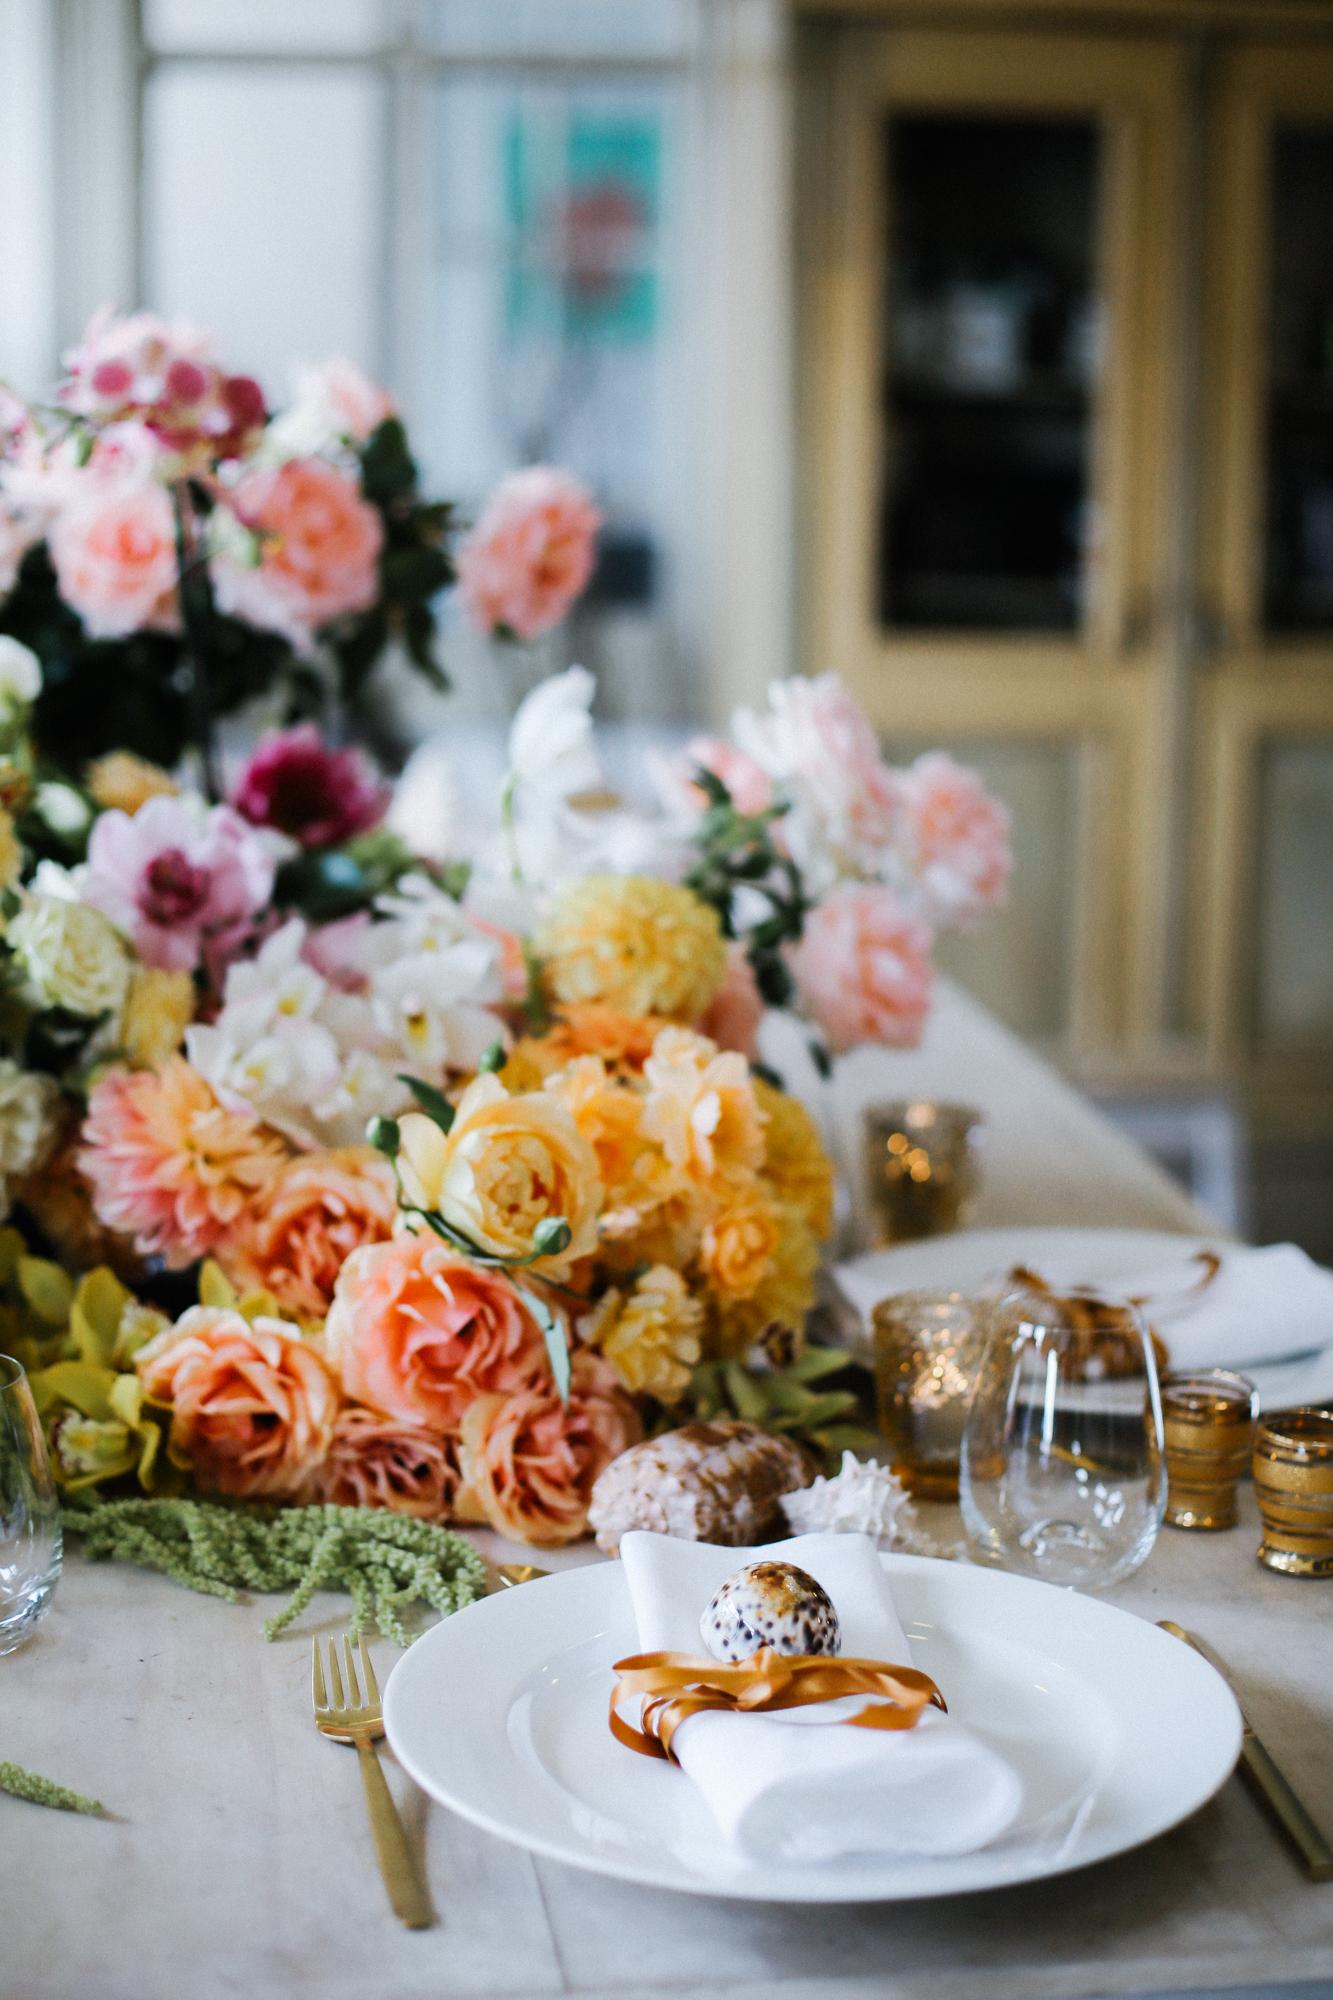 Flowers in a Vase-25.jpg